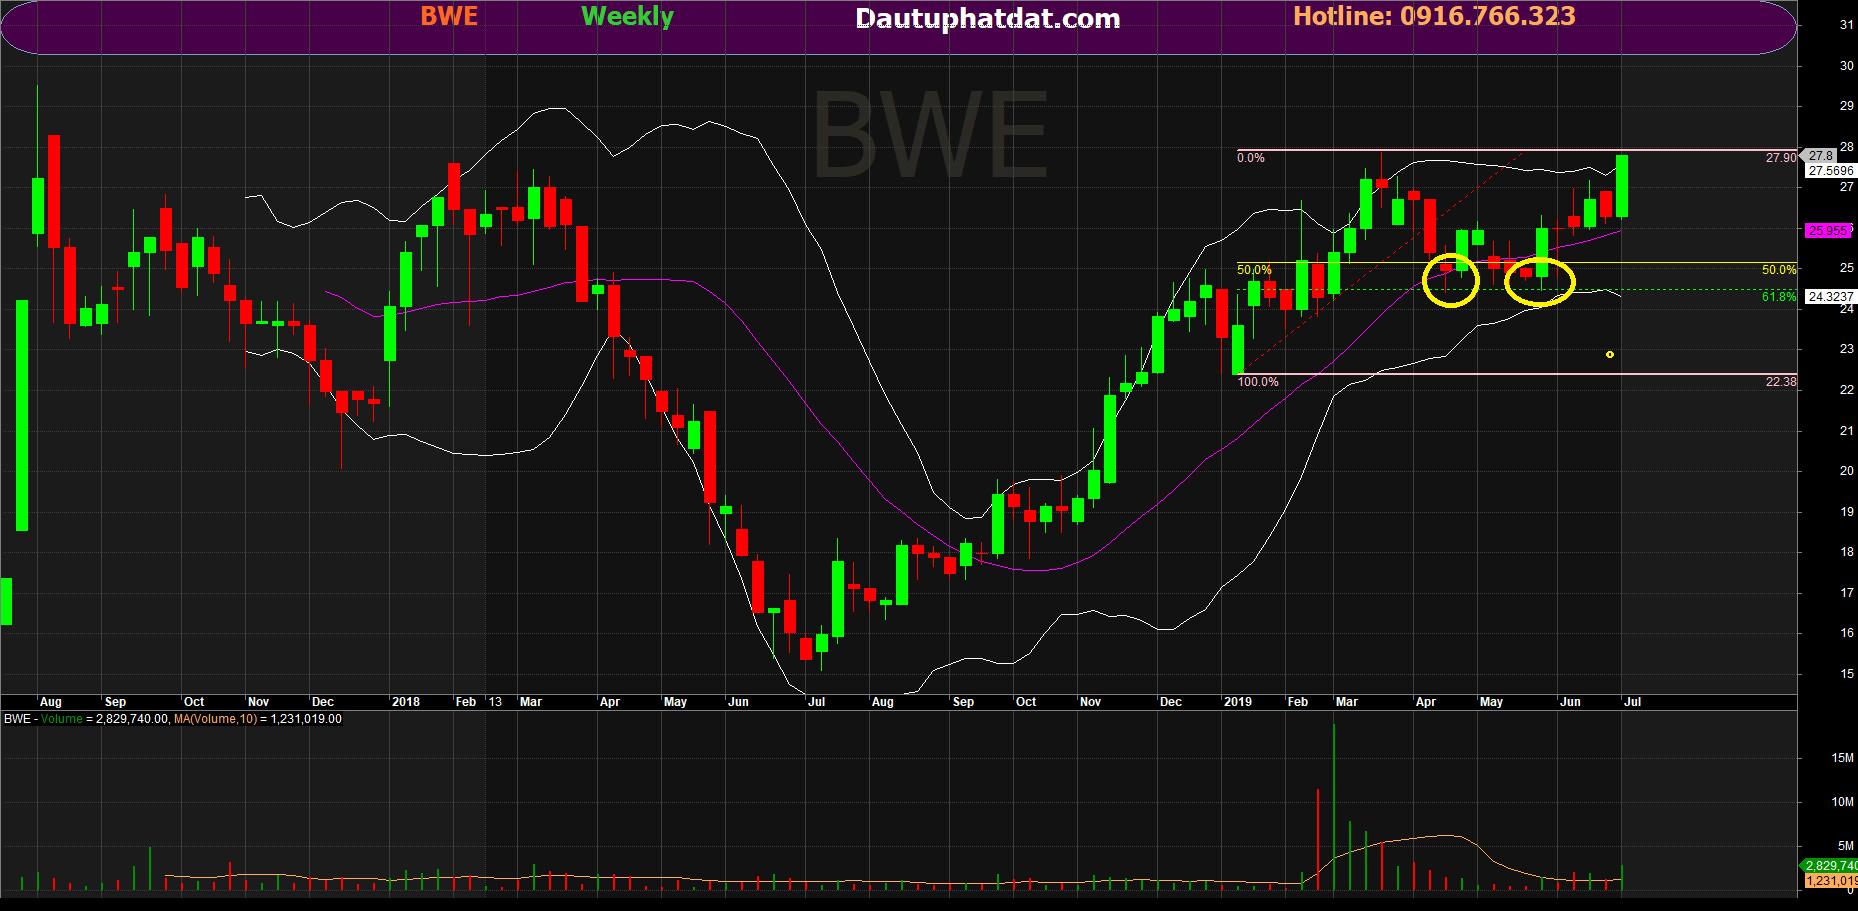 Đồ thị tuần cổ phiếu BWE